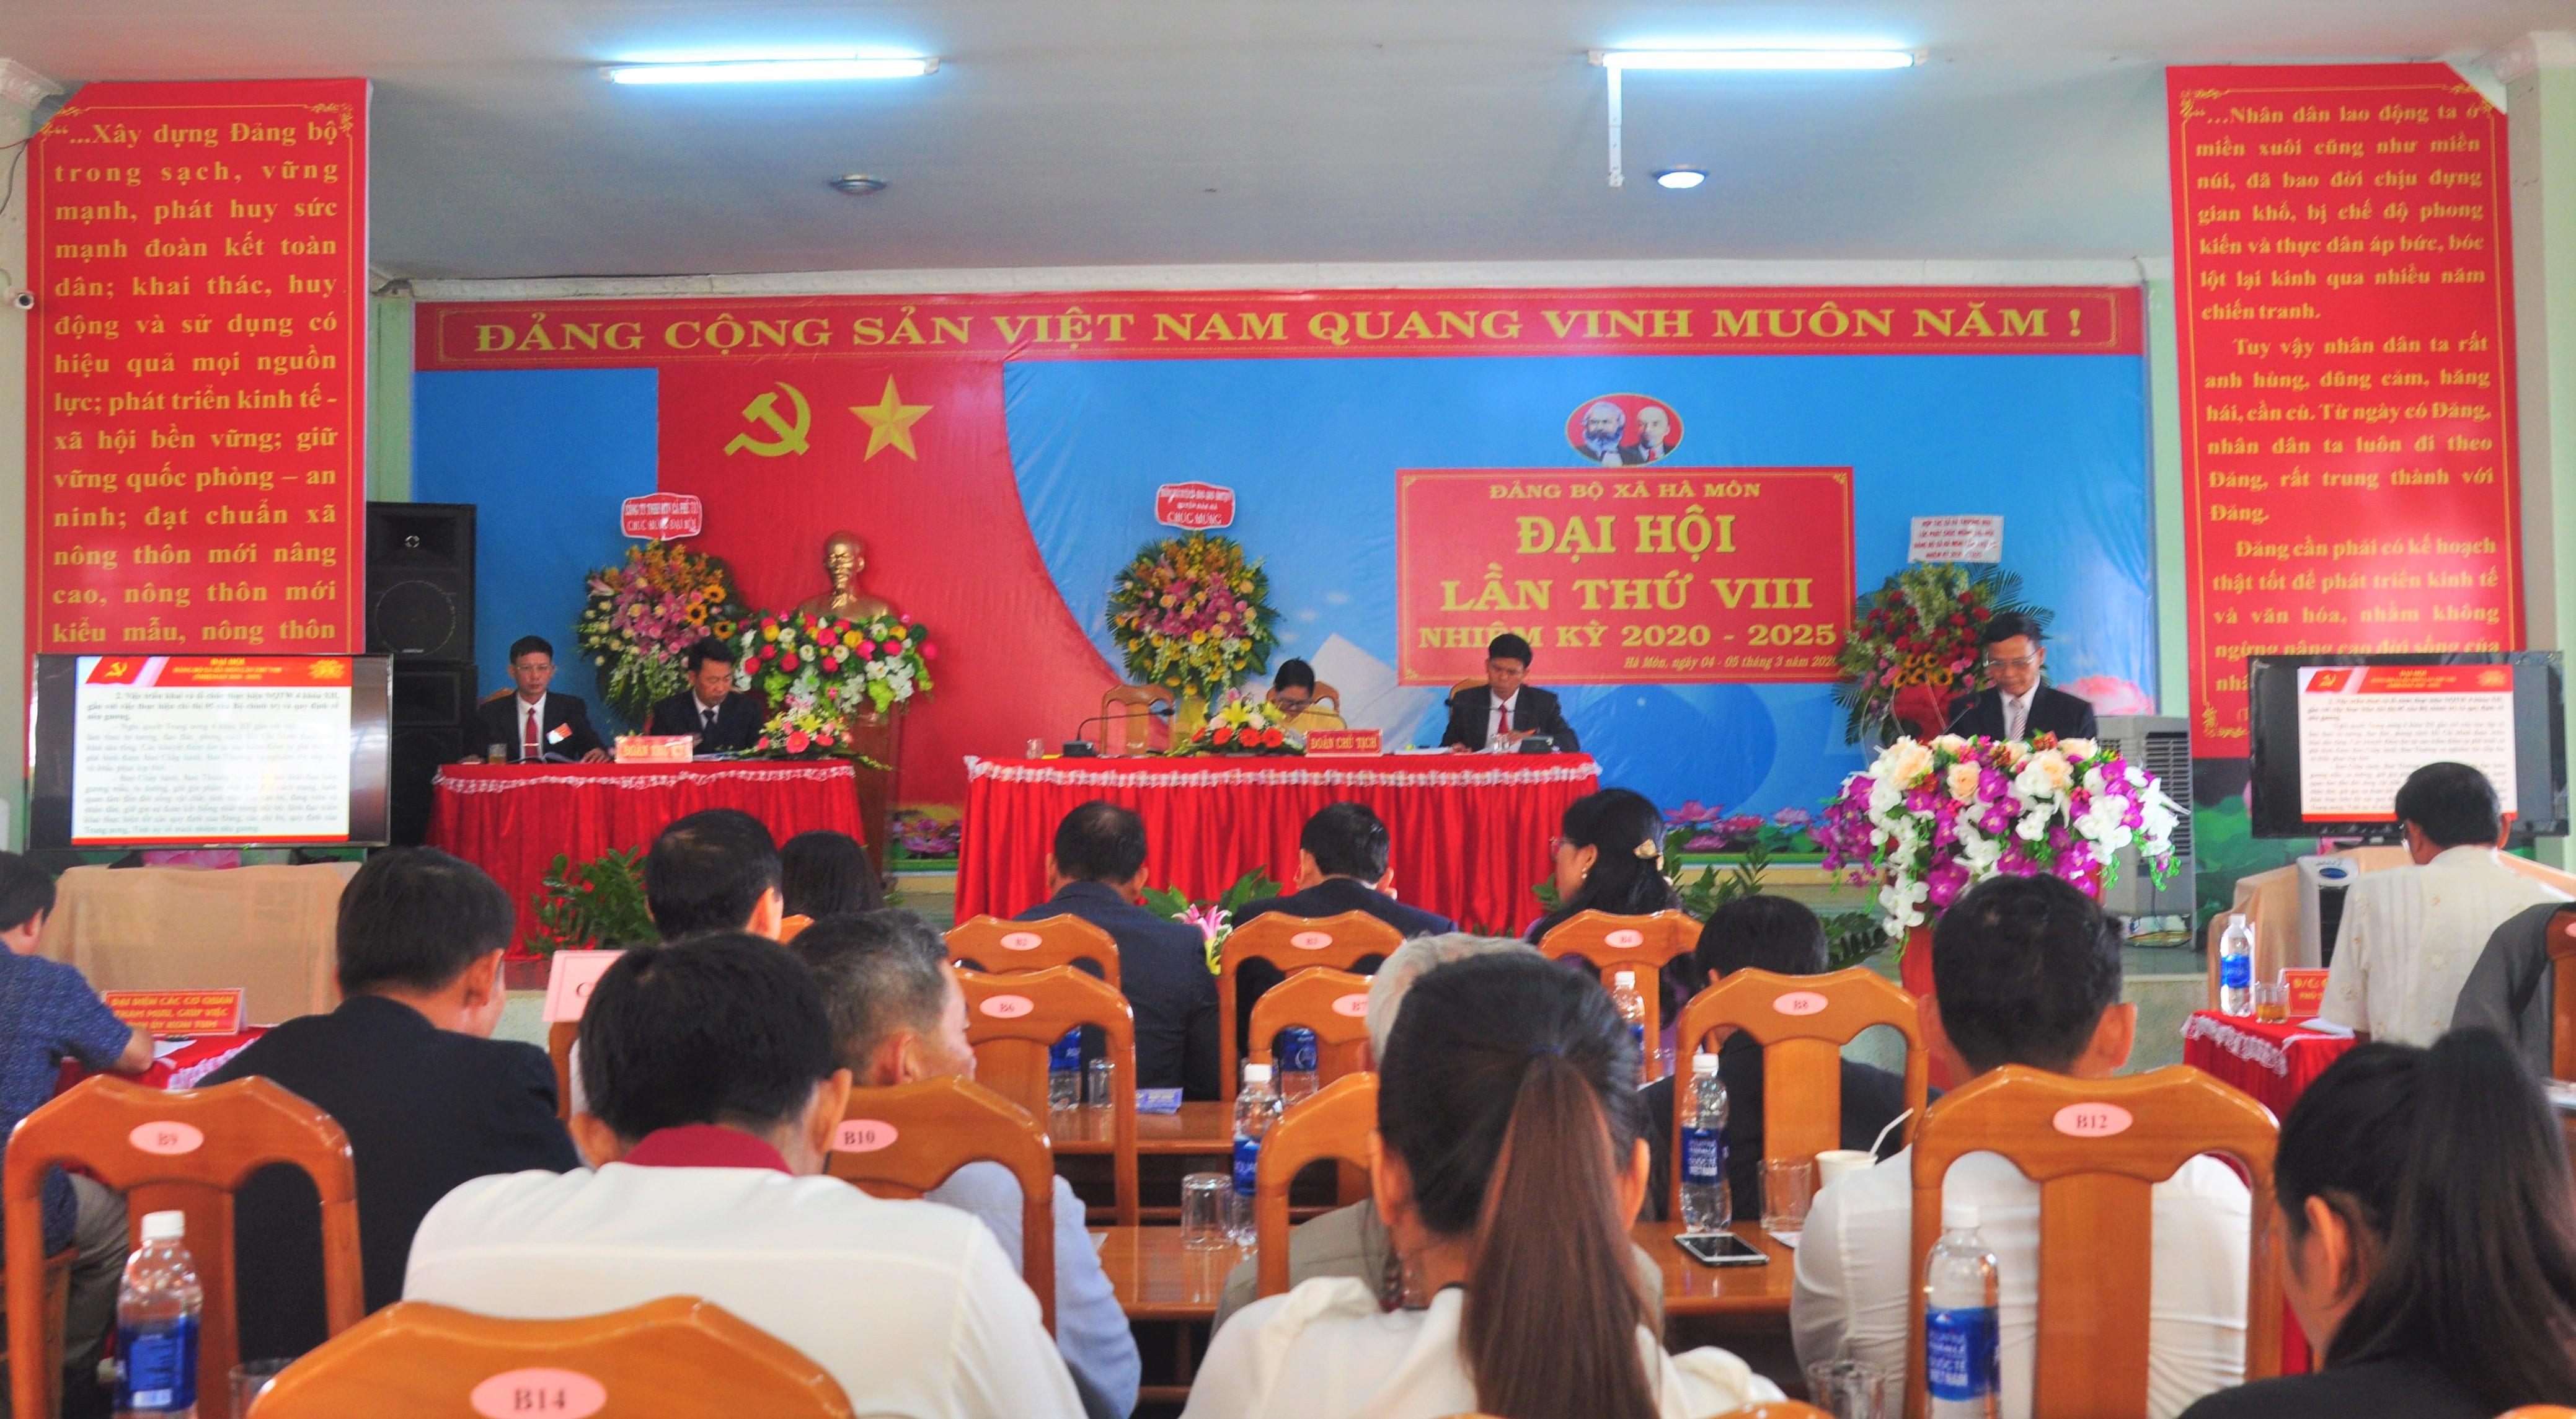 Đại hội Đảng bộ xã Hà Mòn (Đăk Hà, Kon Tum) lần thứ VIII, nhiệm kỳ 2020- 2025: Quyết tâm đạt chỉ tiêu xây dựng nông thôn mới kiểu mẫu